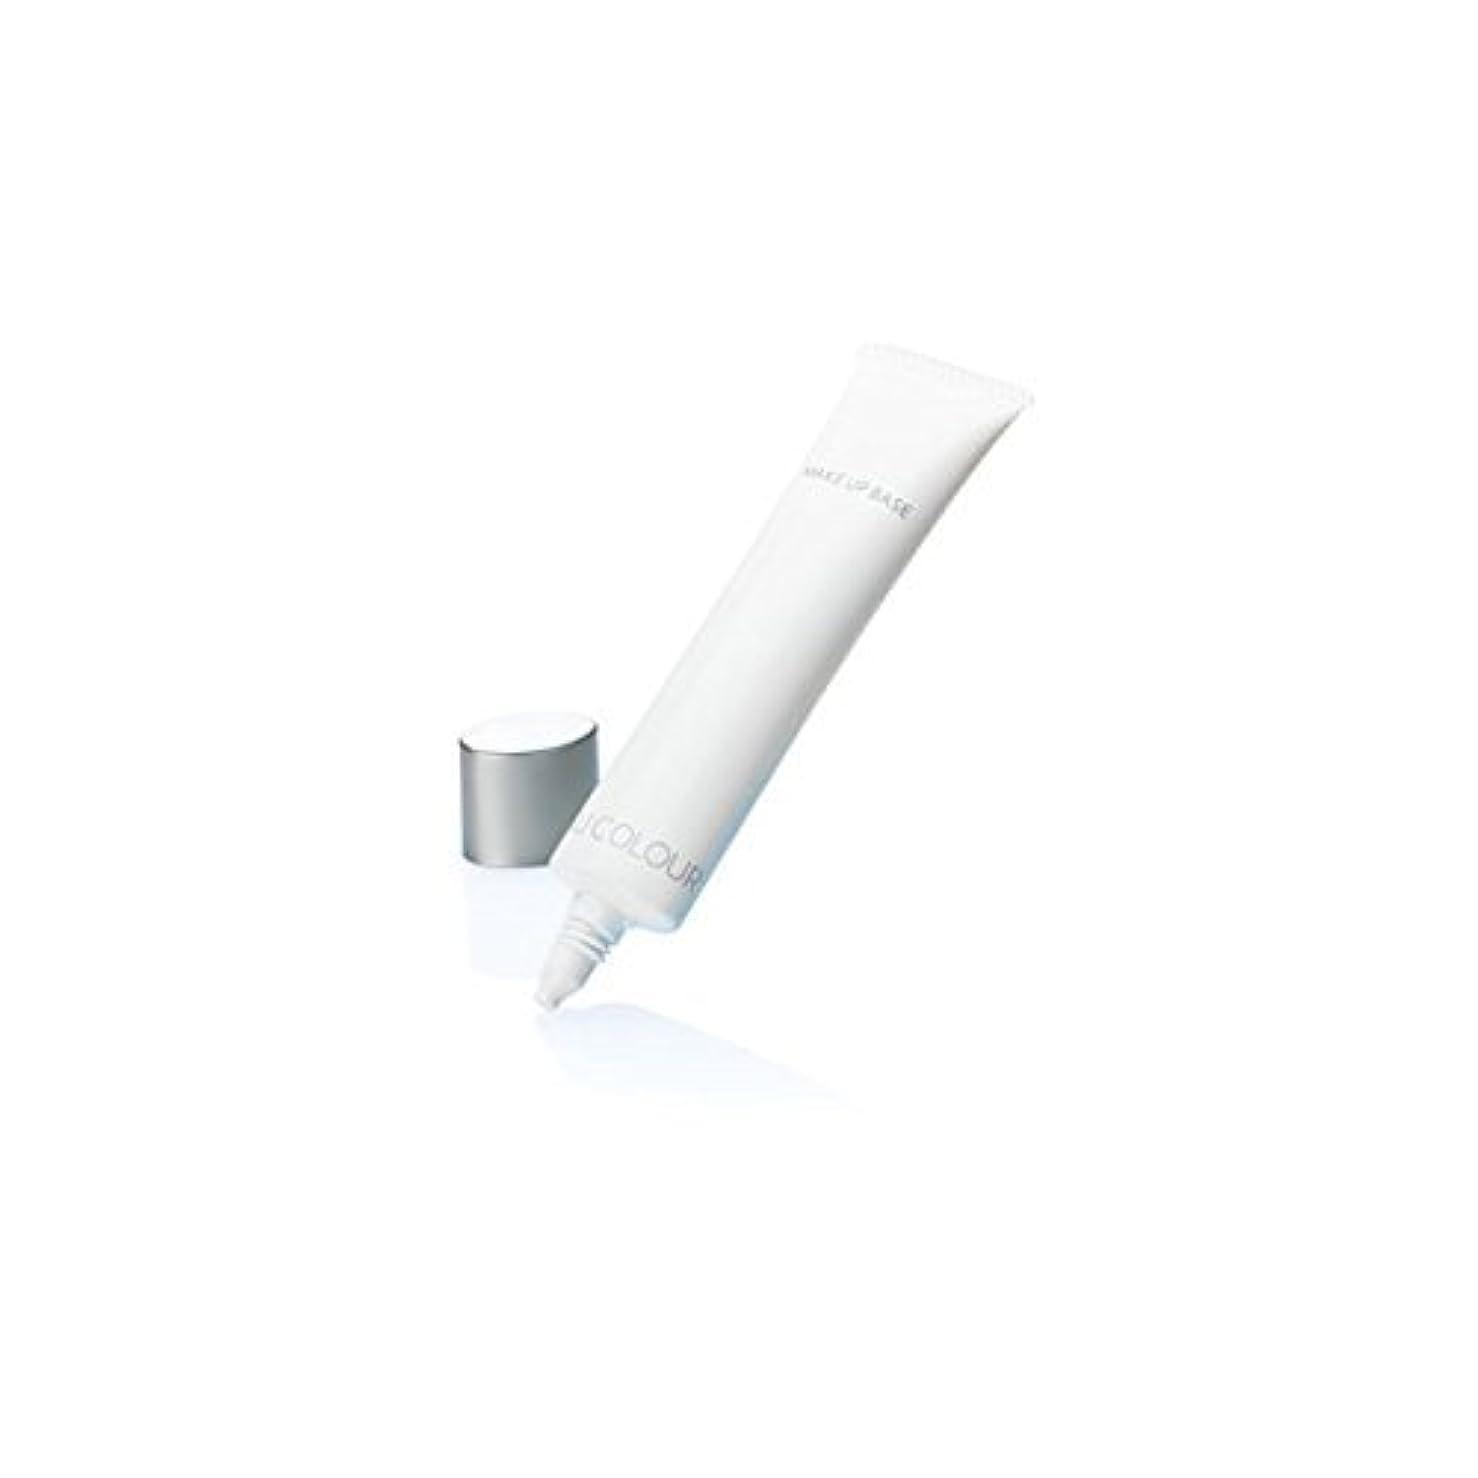 襲撃支配的フルーティーニュースキン NU SKIN UV メイクアップ ベース SPF18?PA++ クリア 03160813